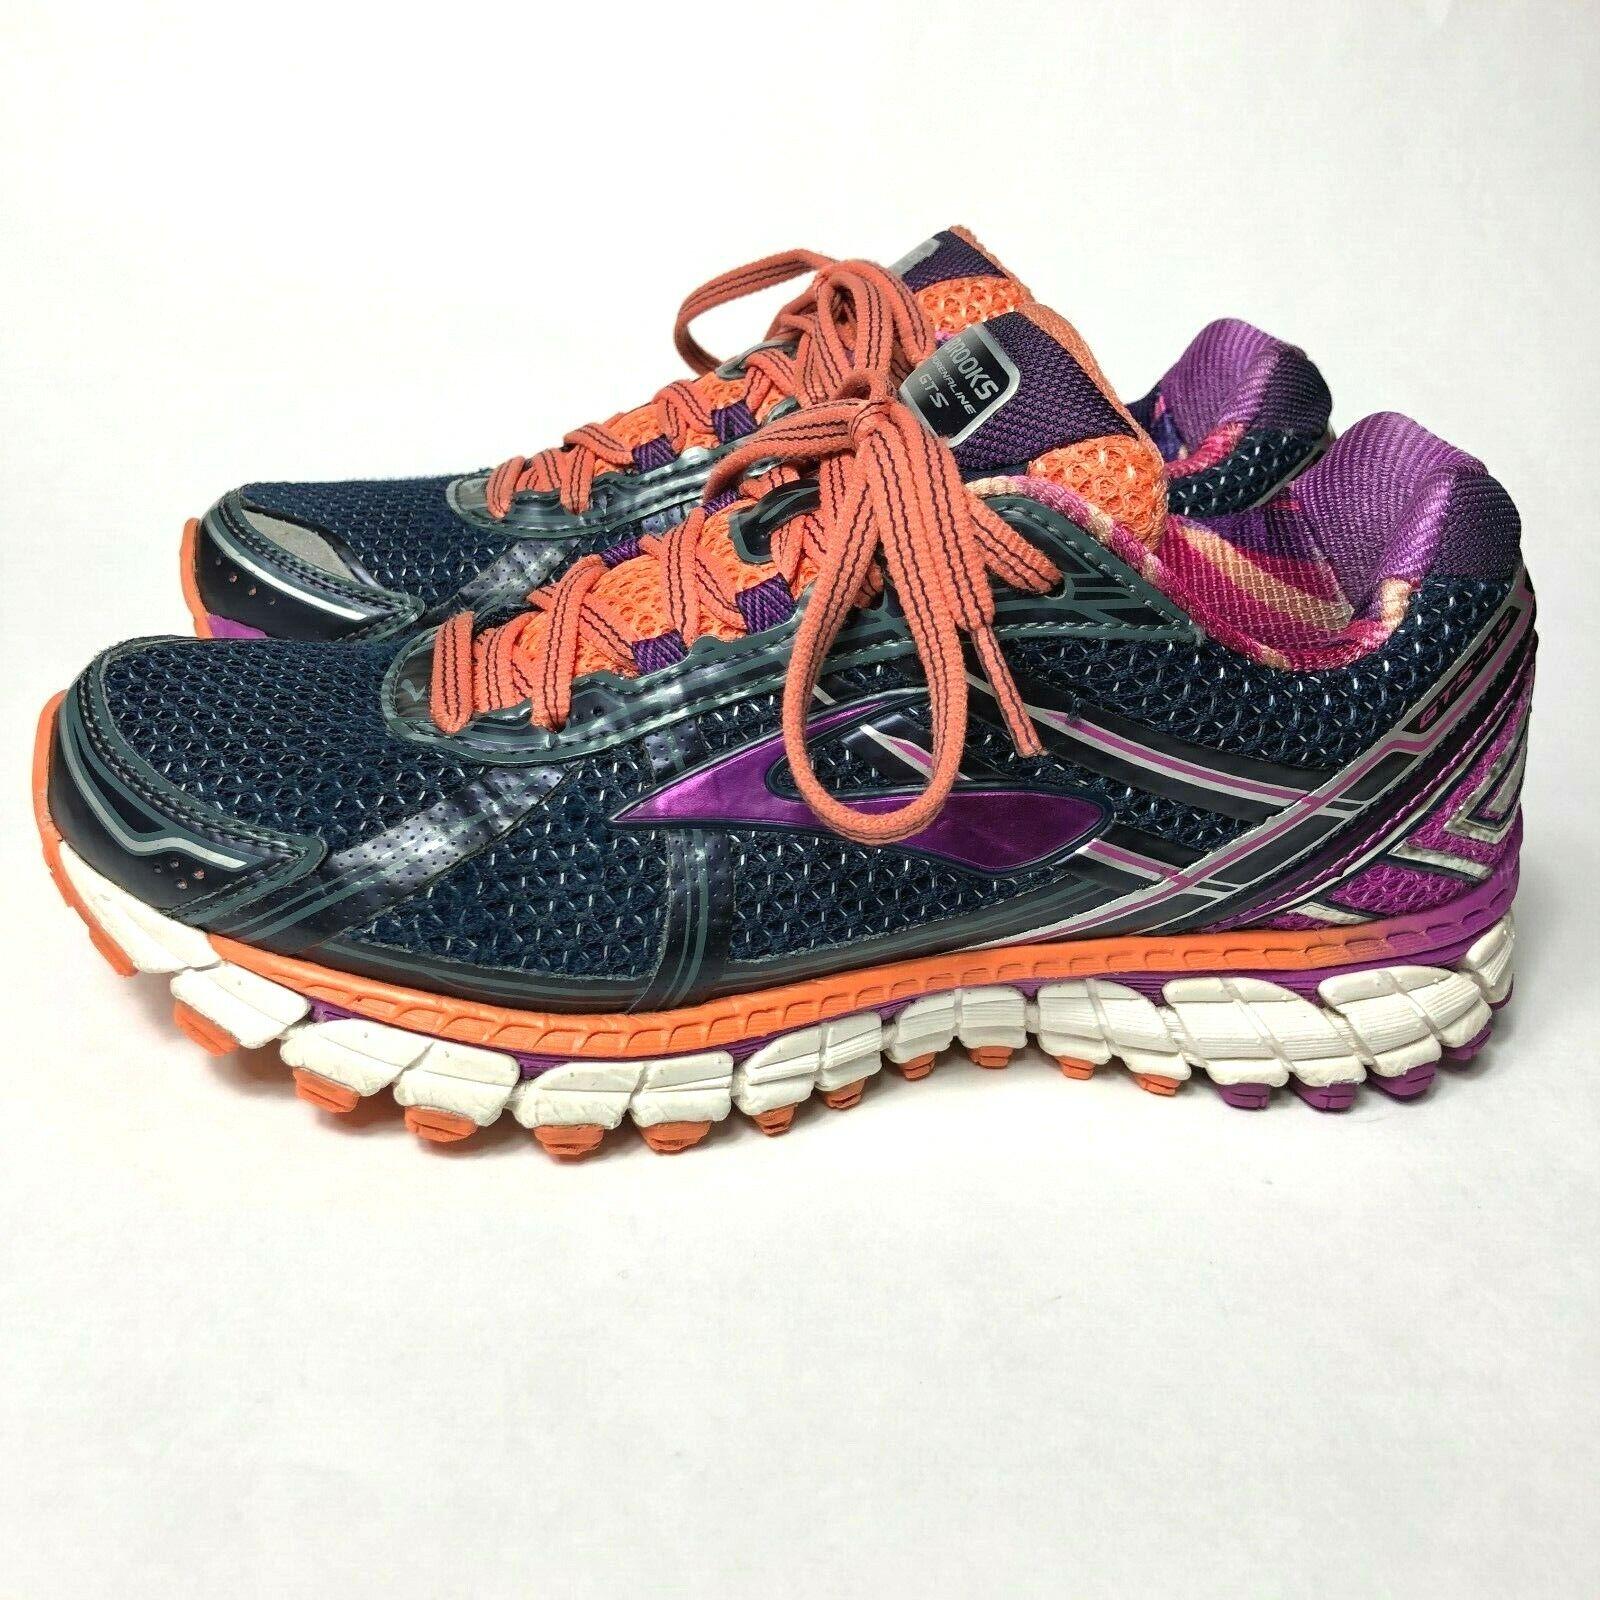 Brooks Adrenaline Gts 15 femmes Taille 7 Sport chaussures De Course violet Orange